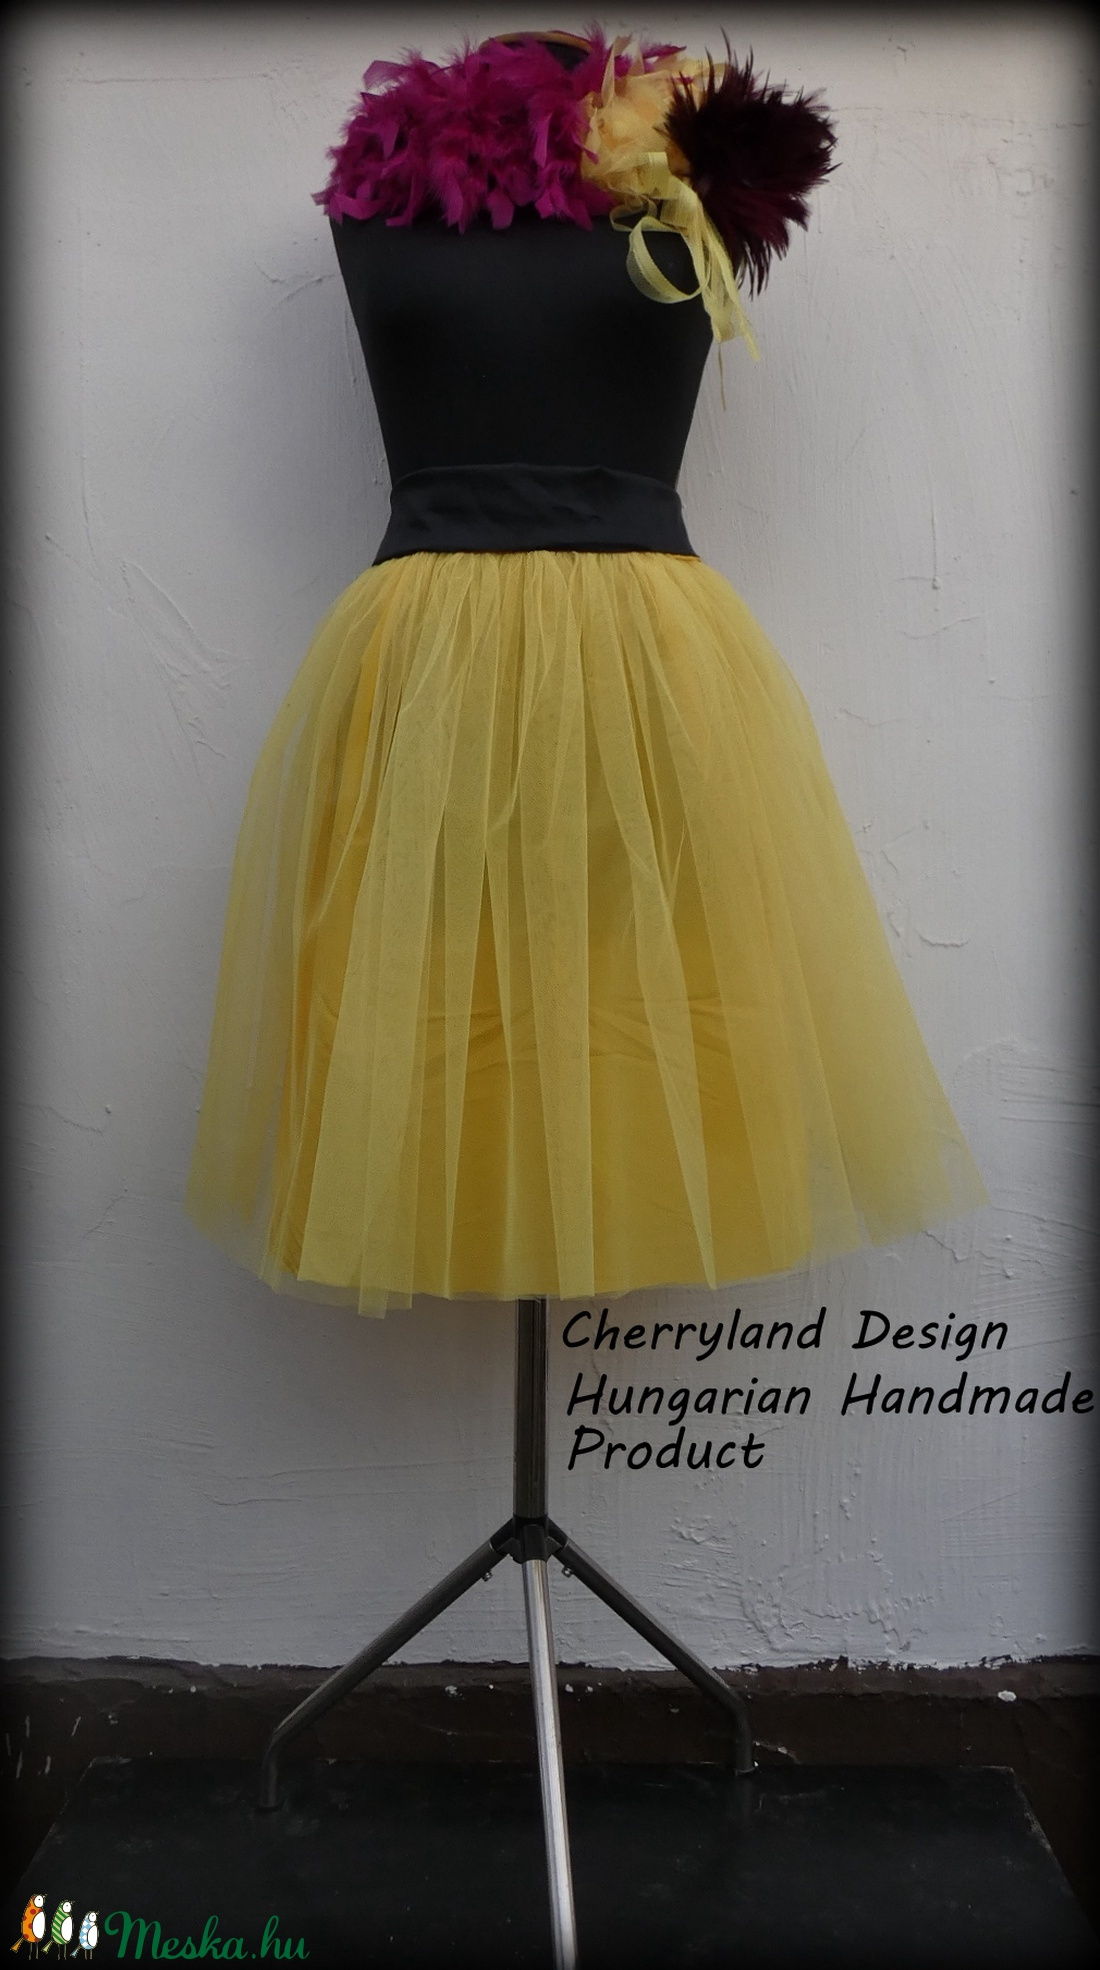 Cherryland Design Sárga Tüll Szoknya/Yellow Tulle Skirt - ruha & divat - női ruha - szoknya - Meska.hu